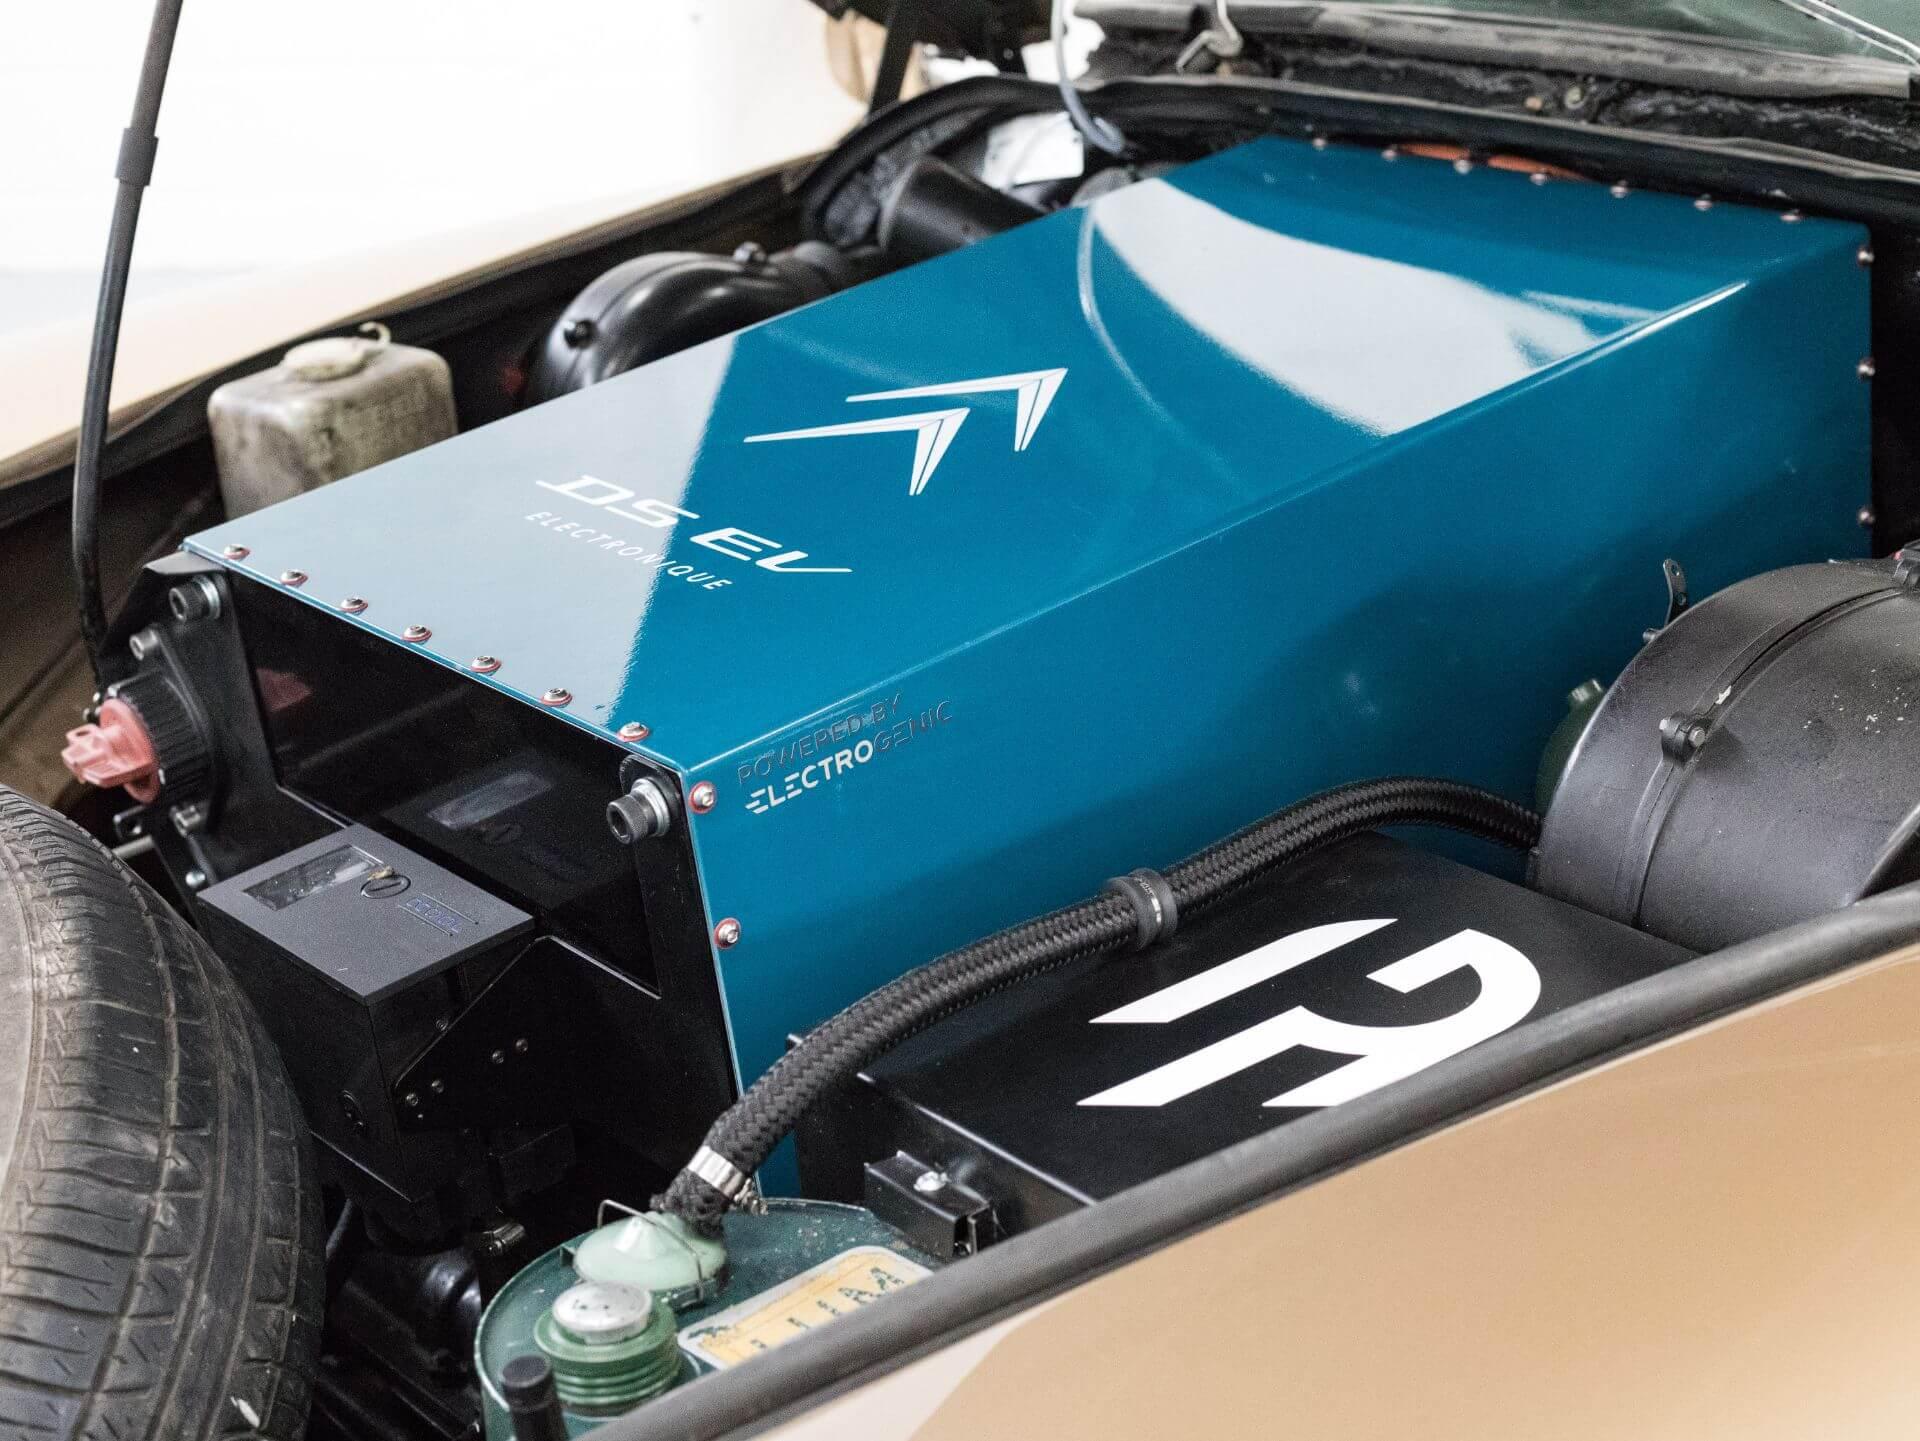 Специалисты Electrogenic оснастили седан 1971 года собственным электродвигателем 'Hyper9′